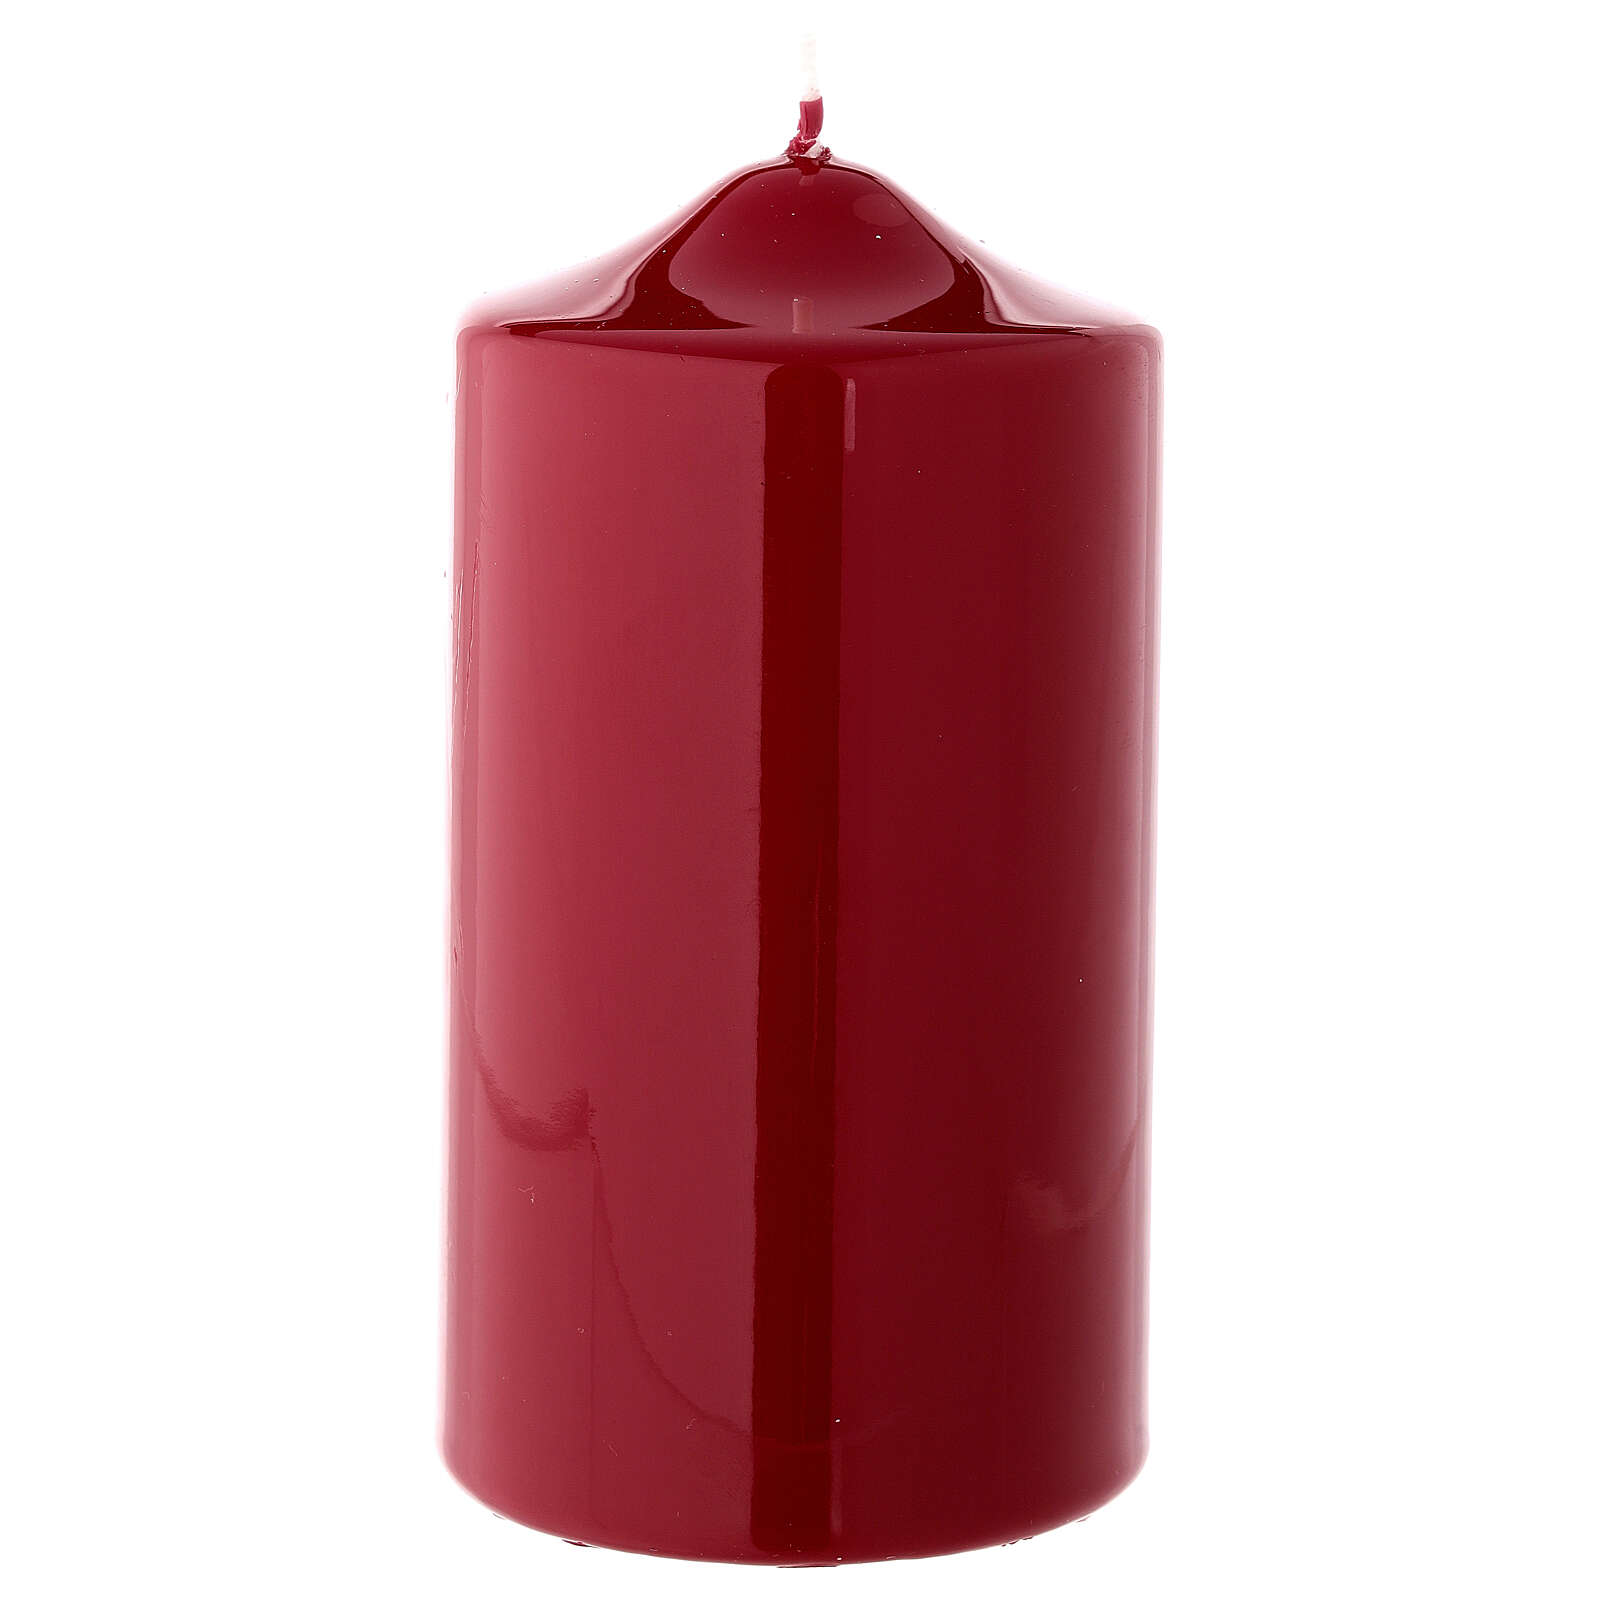 Bougie Noël rouge foncé cire à cacheter cylindre 150x80 mm 3